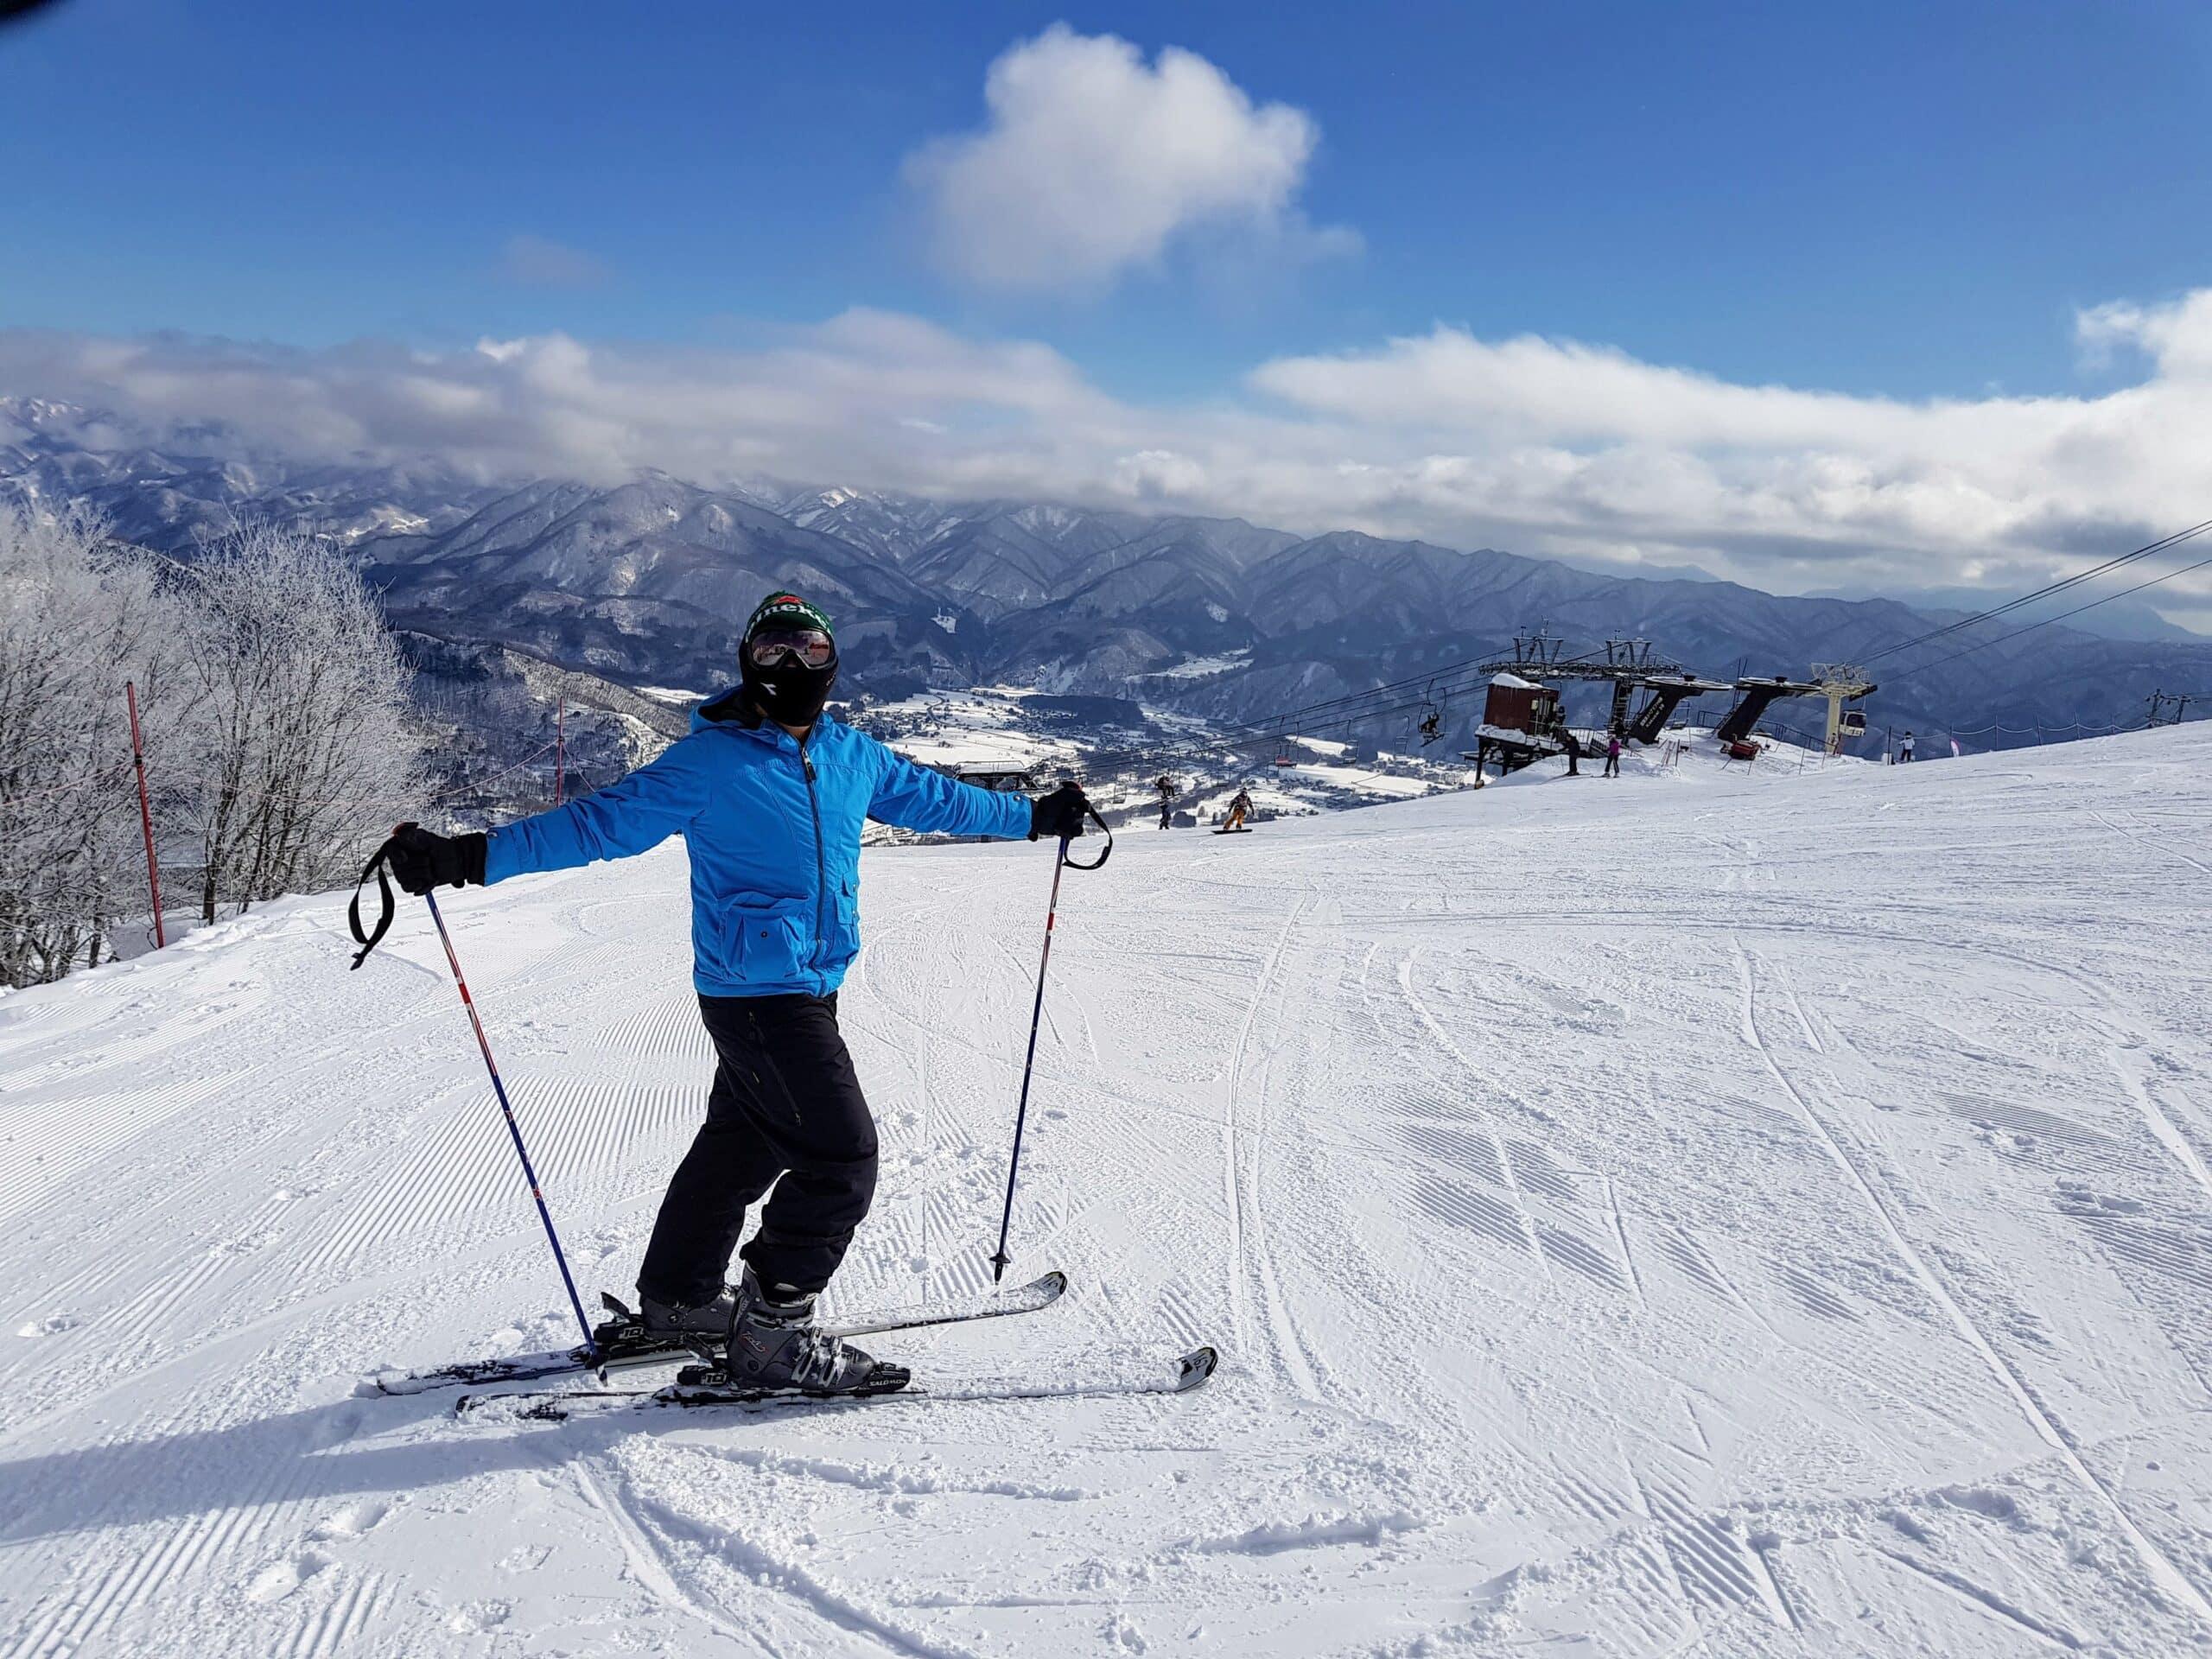 man in ski base layer